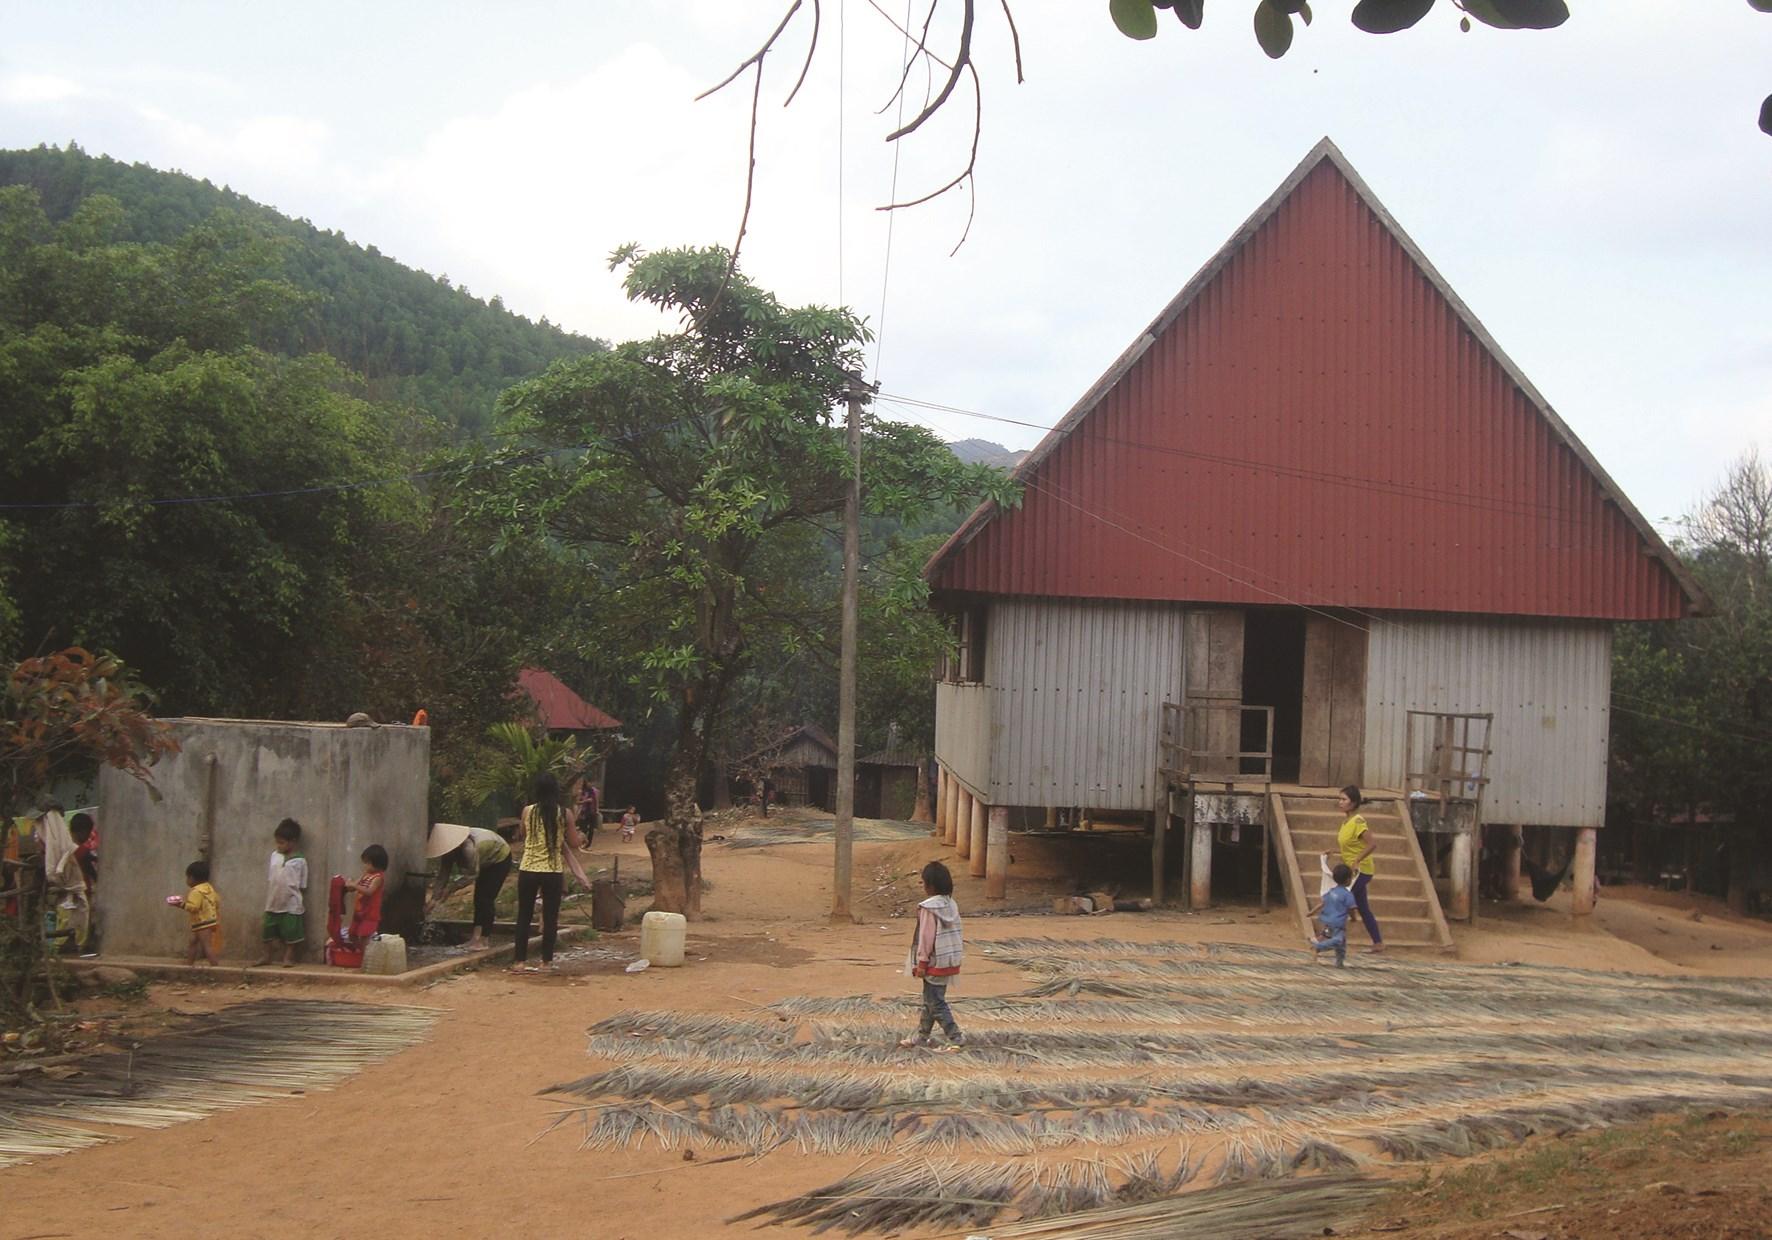 Làng Cát là 1 trong 3 làng vừa được UBND tỉnh Bình Định đồng ý chủ trương đầu tư lưới điện